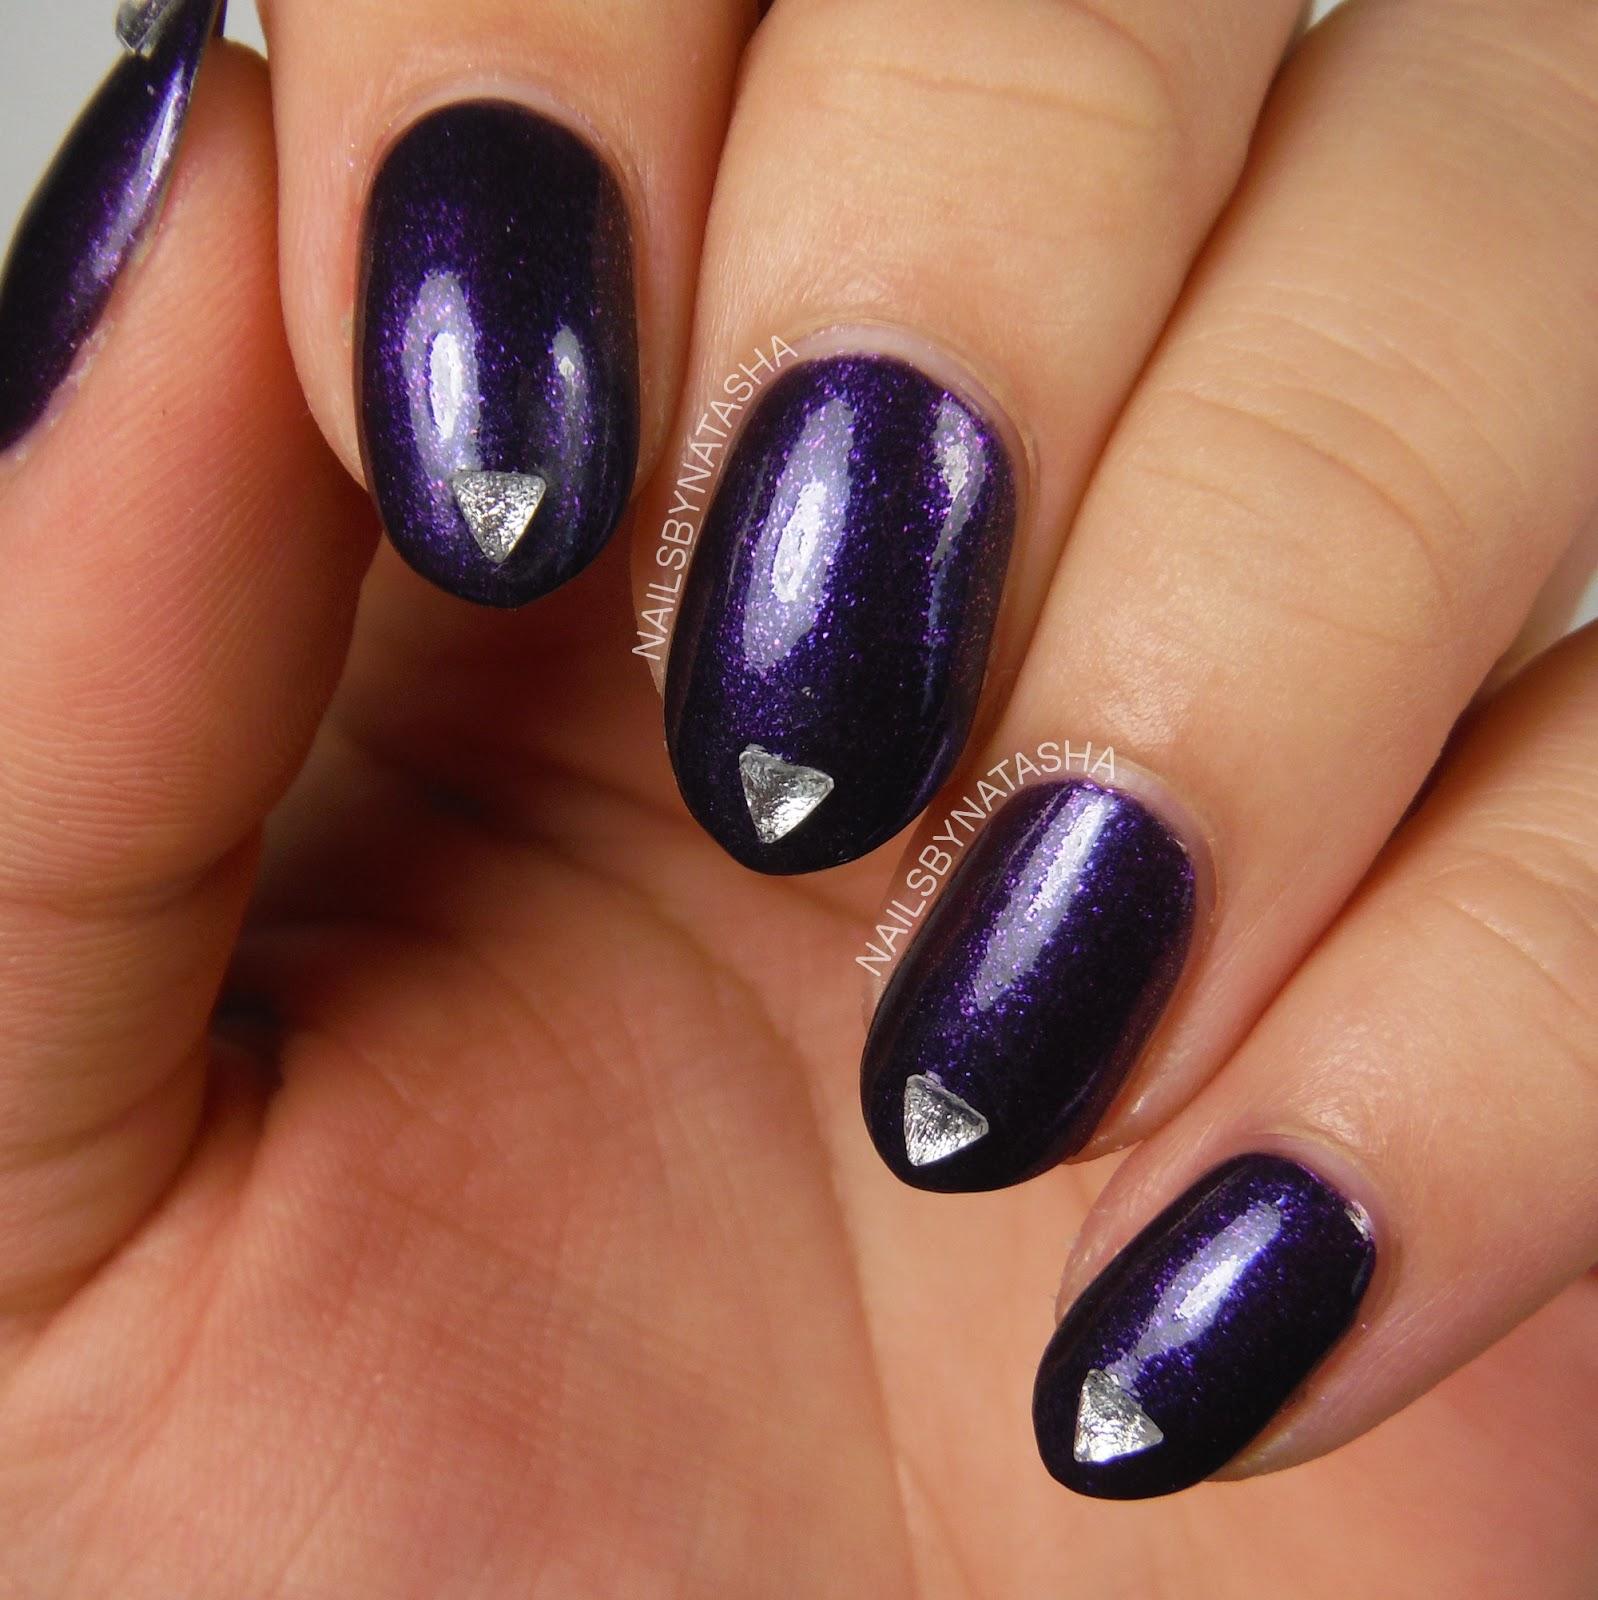 Nails By Natasha Nail Art August Day 9 Bold